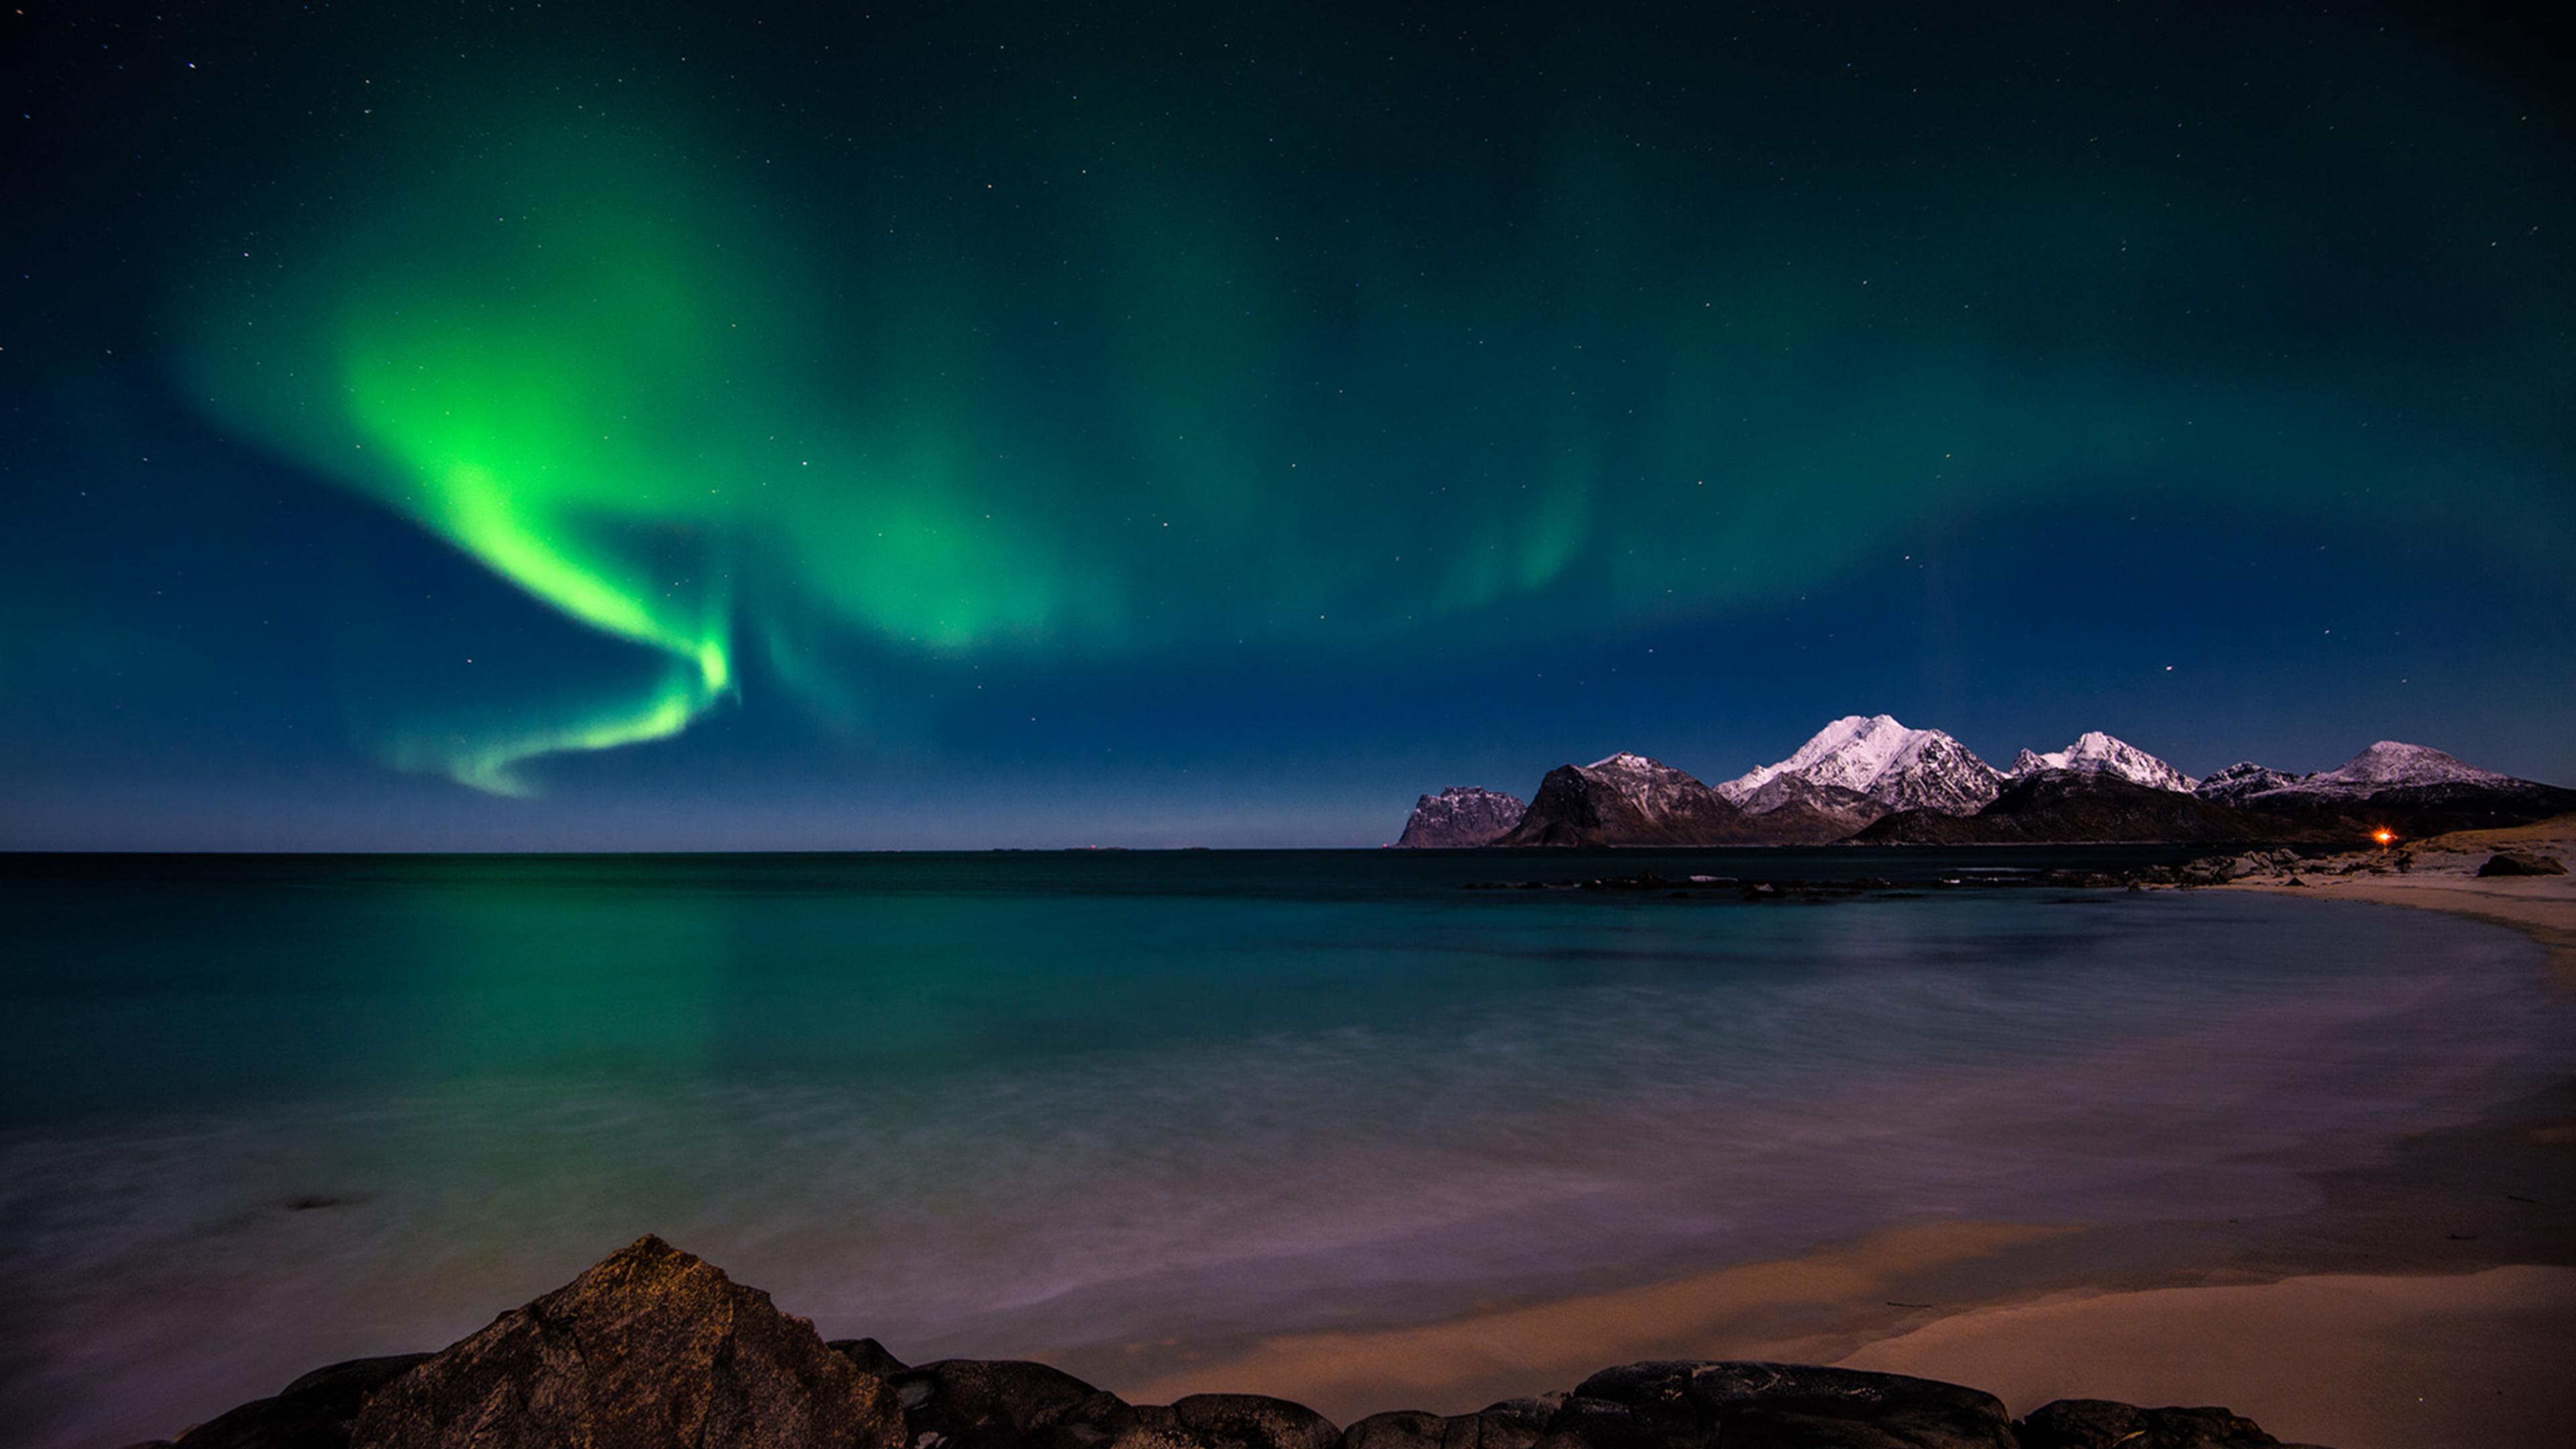 Aurora borealis sfondi per pc 3840x2160 id 550113 for Sfondi desktop aurora boreale